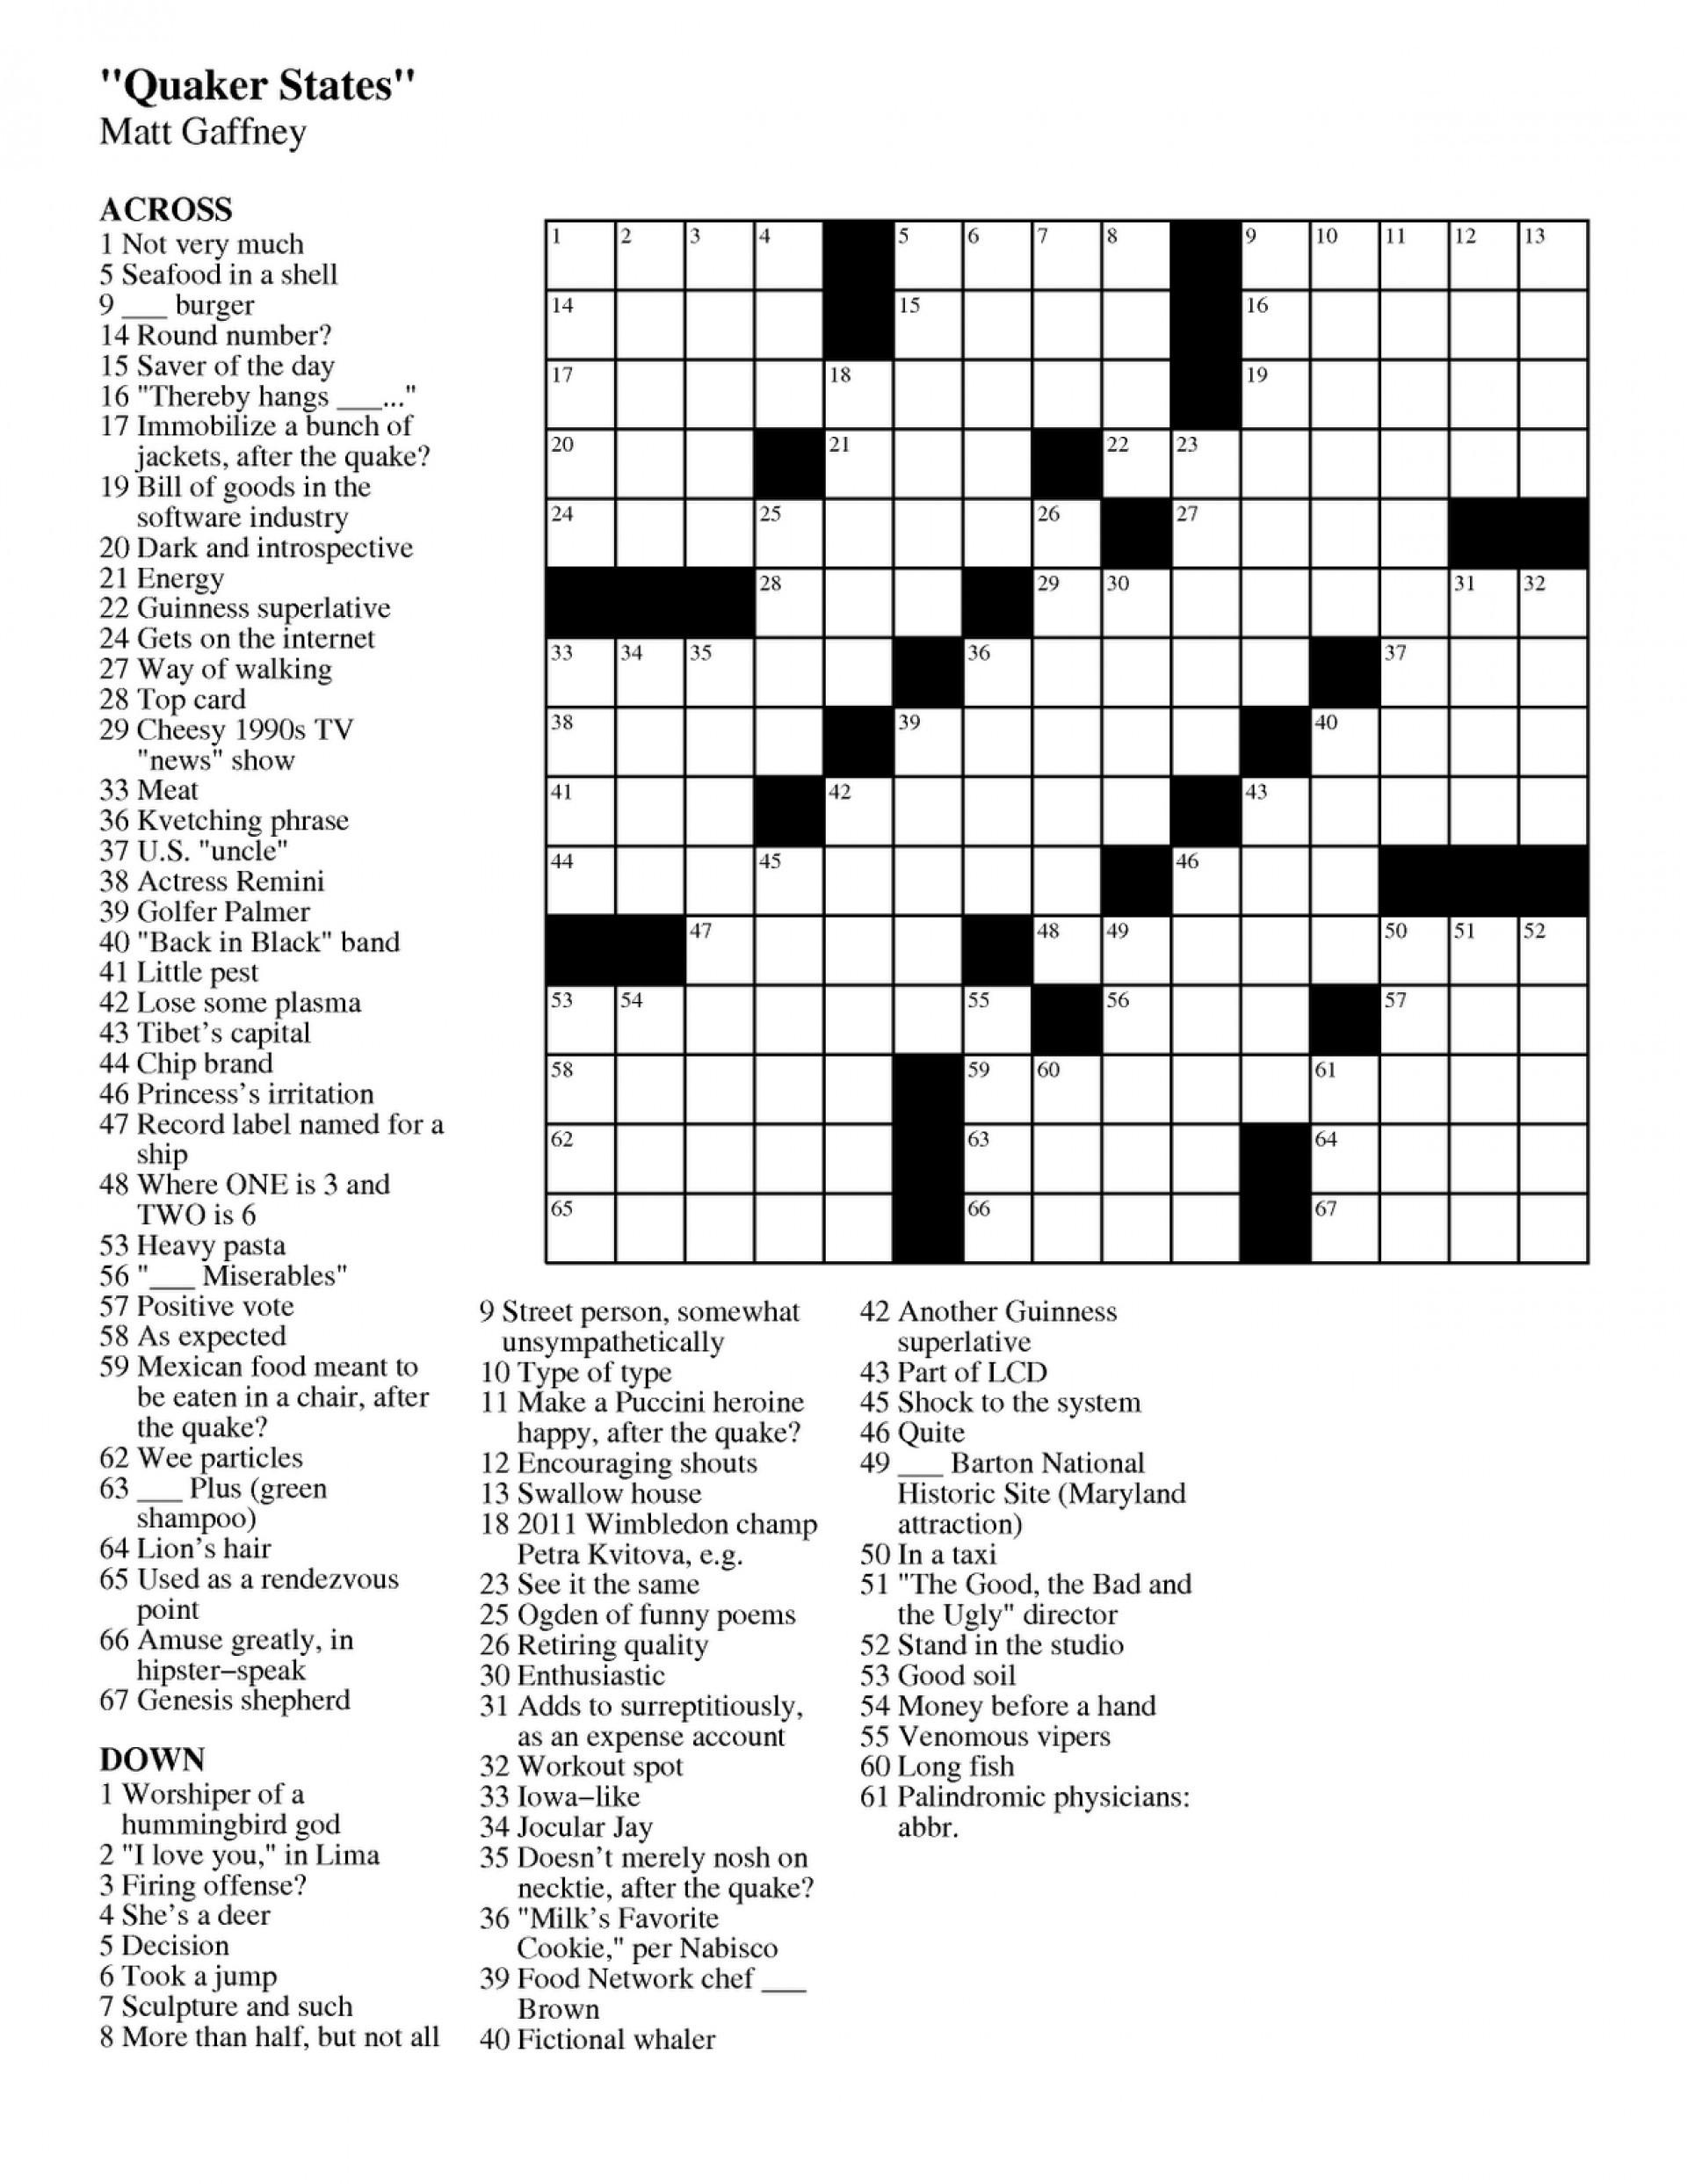 Beekeeper Crosswords In Middle School Easy Crossword Puzzles - Printable Crossword For Middle School